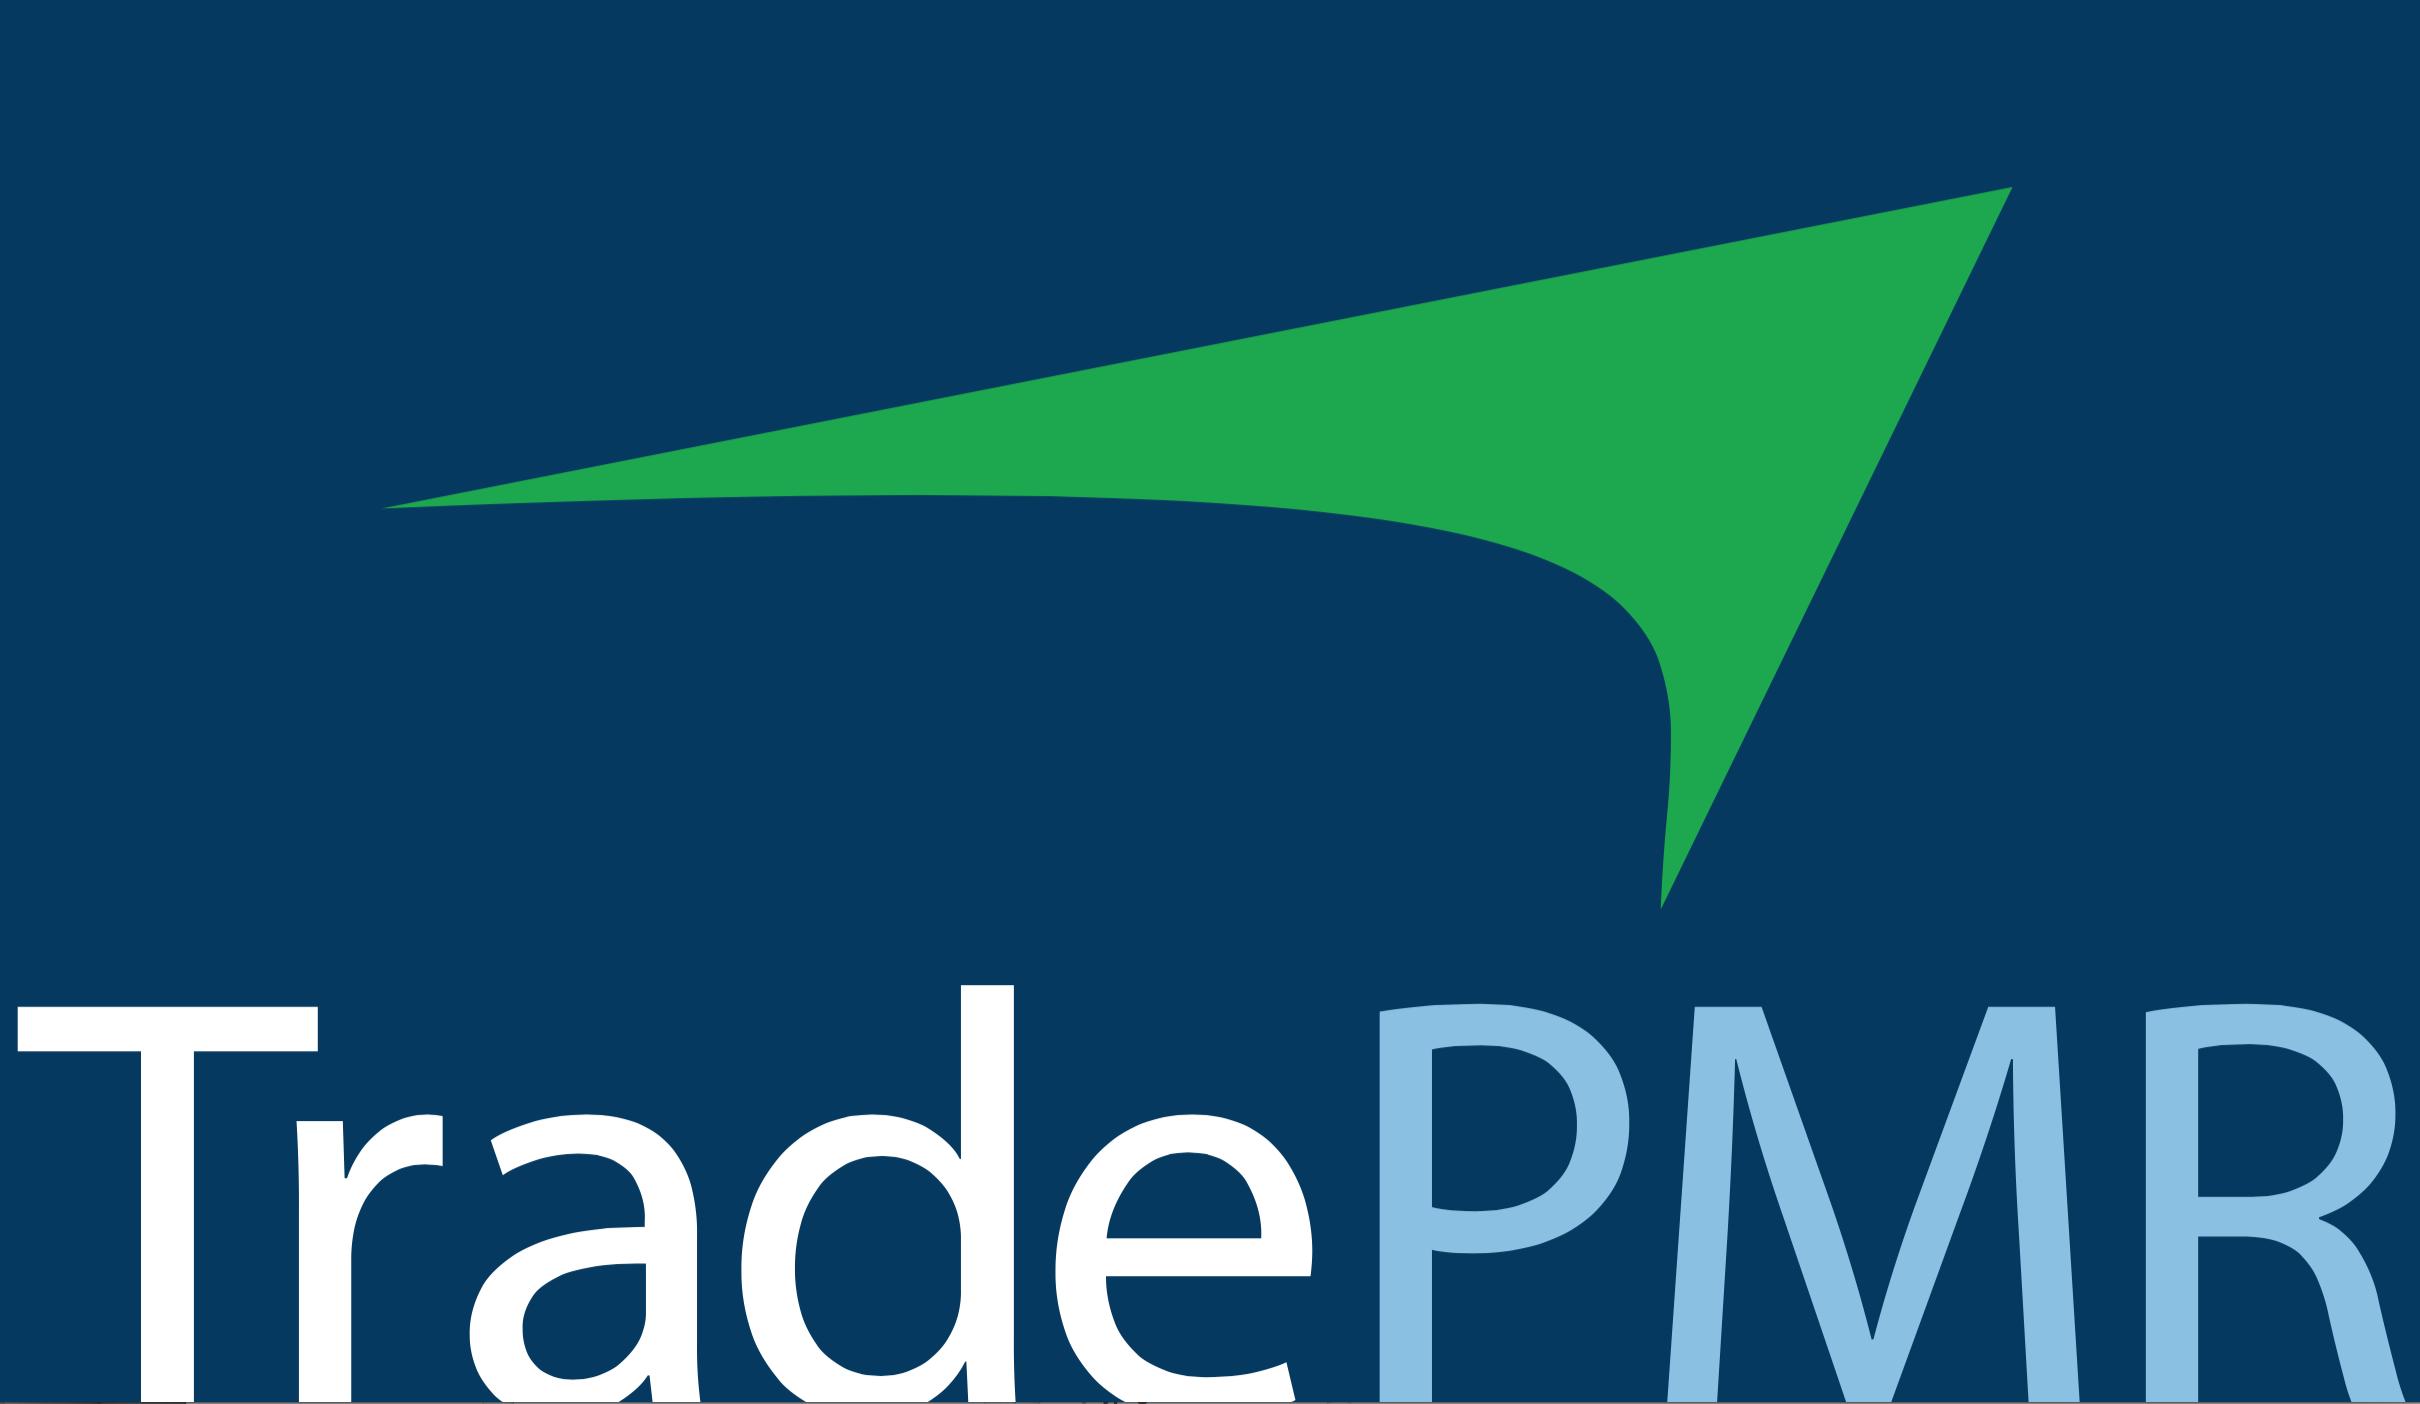 TradePMRlogo.png